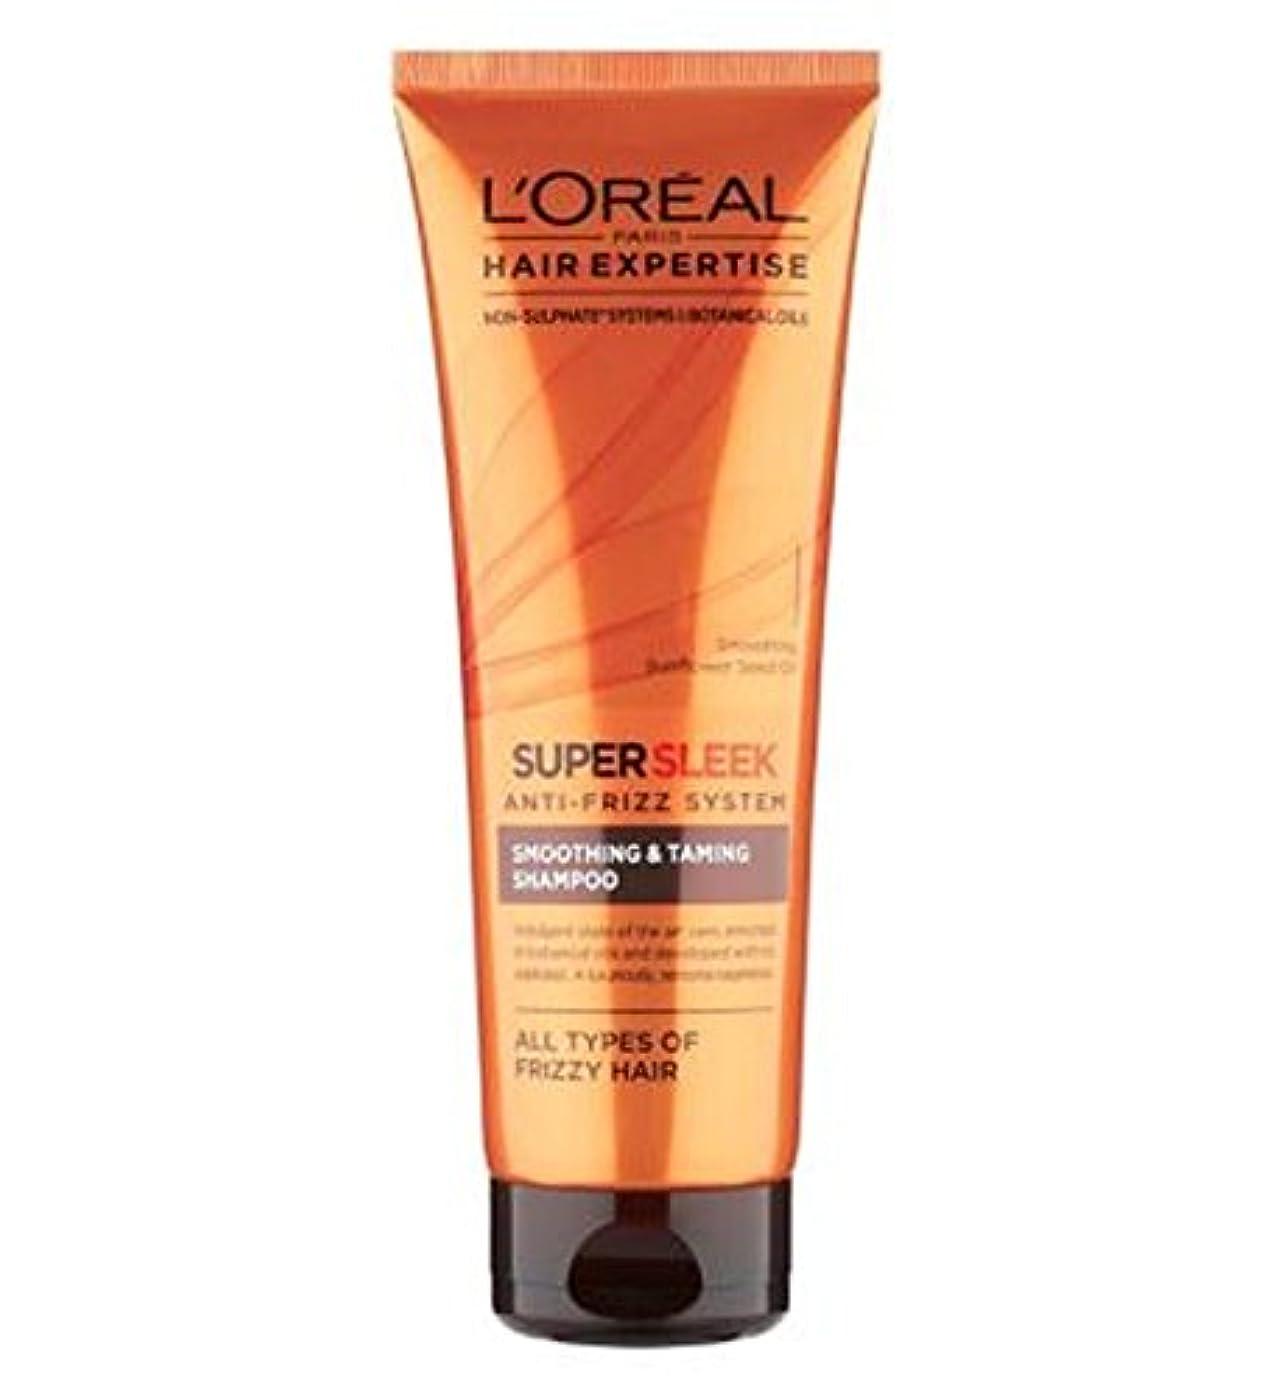 覚えている以内に血統L'Oreall髪の専門知識Supersleek粗シャンプー250ミリリットル (L'Oreal) (x2) - L'Oreall Hair Expertise SuperSleek Coarse Shampoo 250ml (Pack of 2) [並行輸入品]